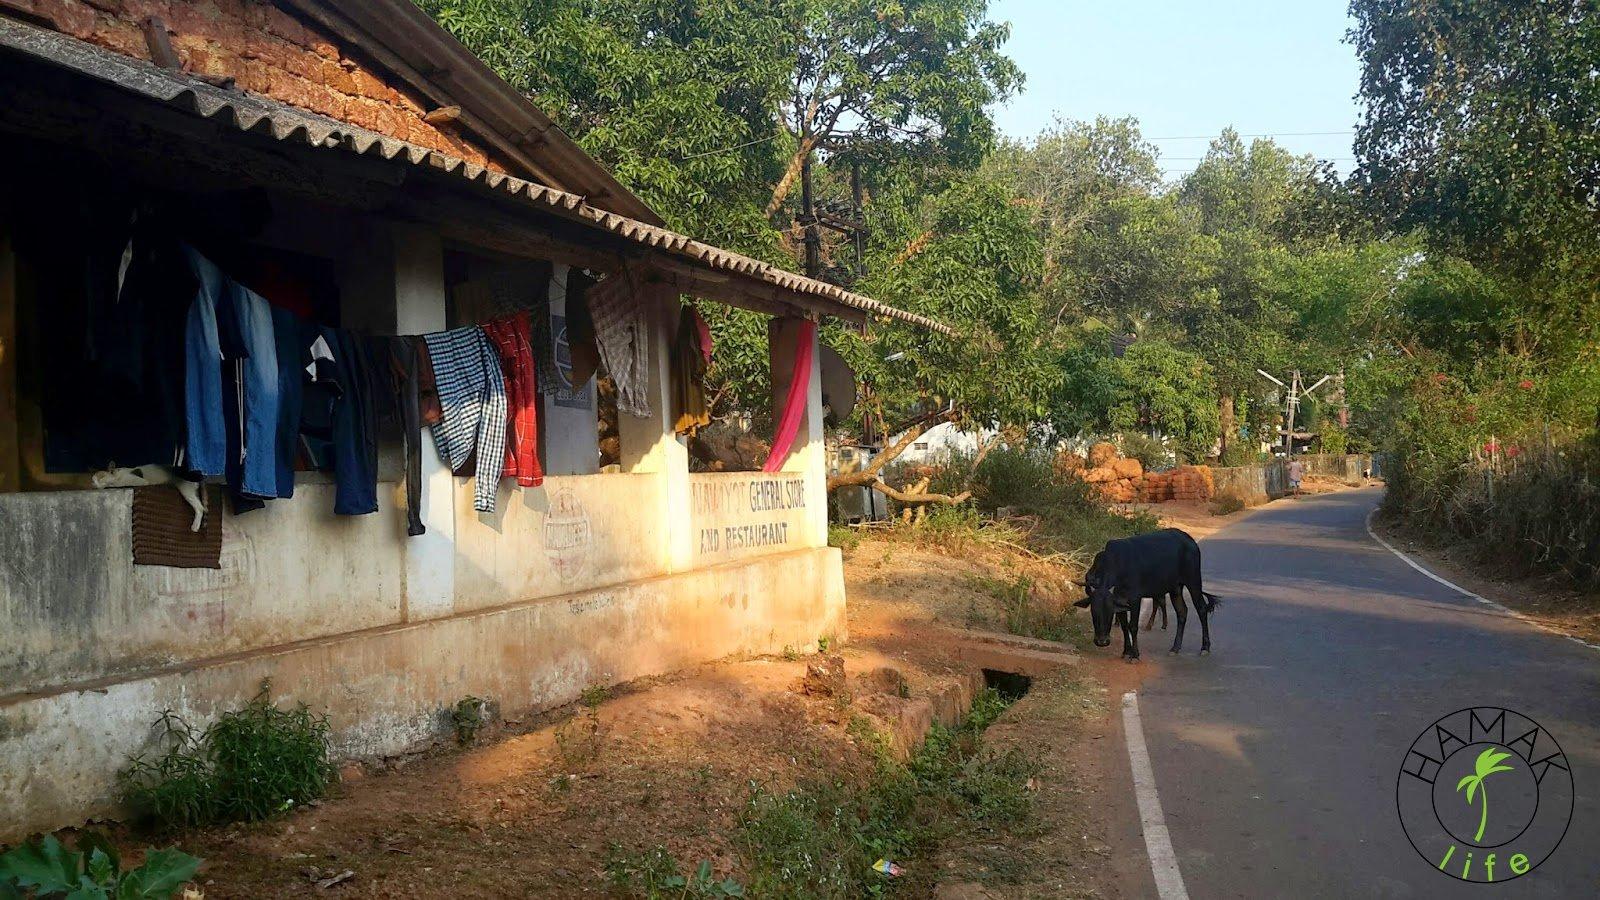 Garderoba suszy się na sznurku, kiedyś może była w walizce. W każdym razie na Goa w porze suchej wszystko błyskawicznie schnie, a nawet płowieje.